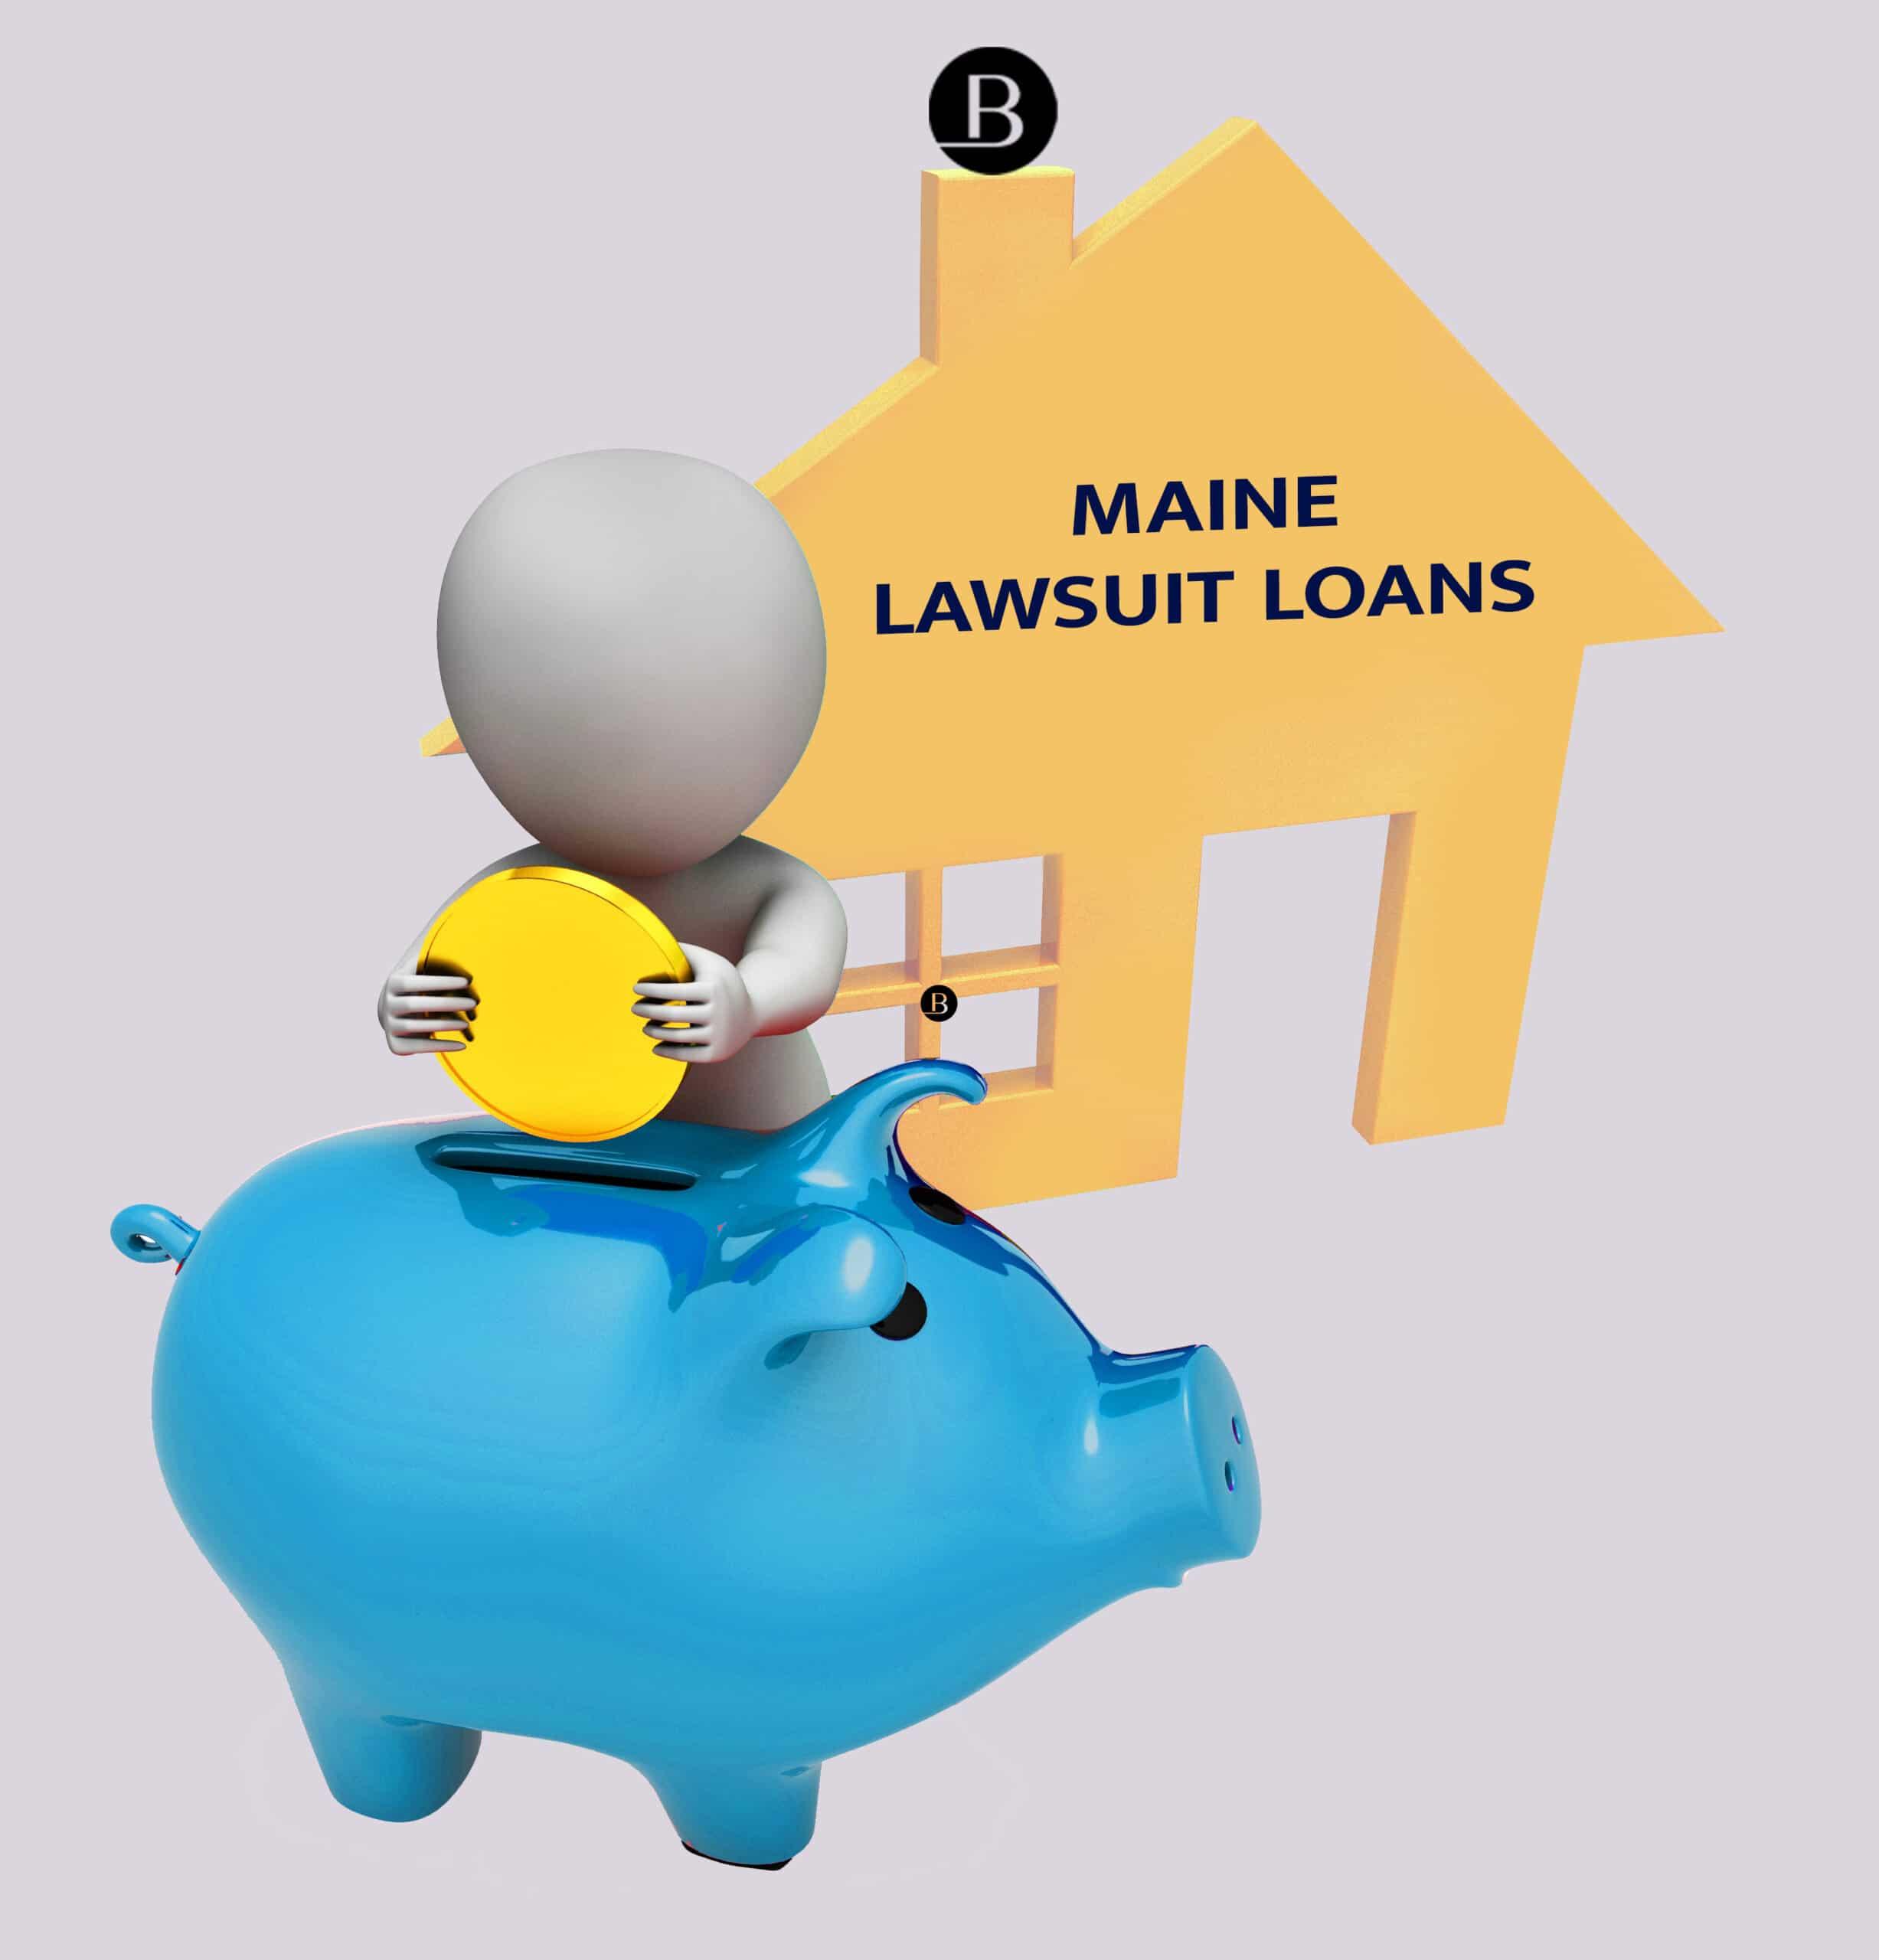 Maine lawsuit loans